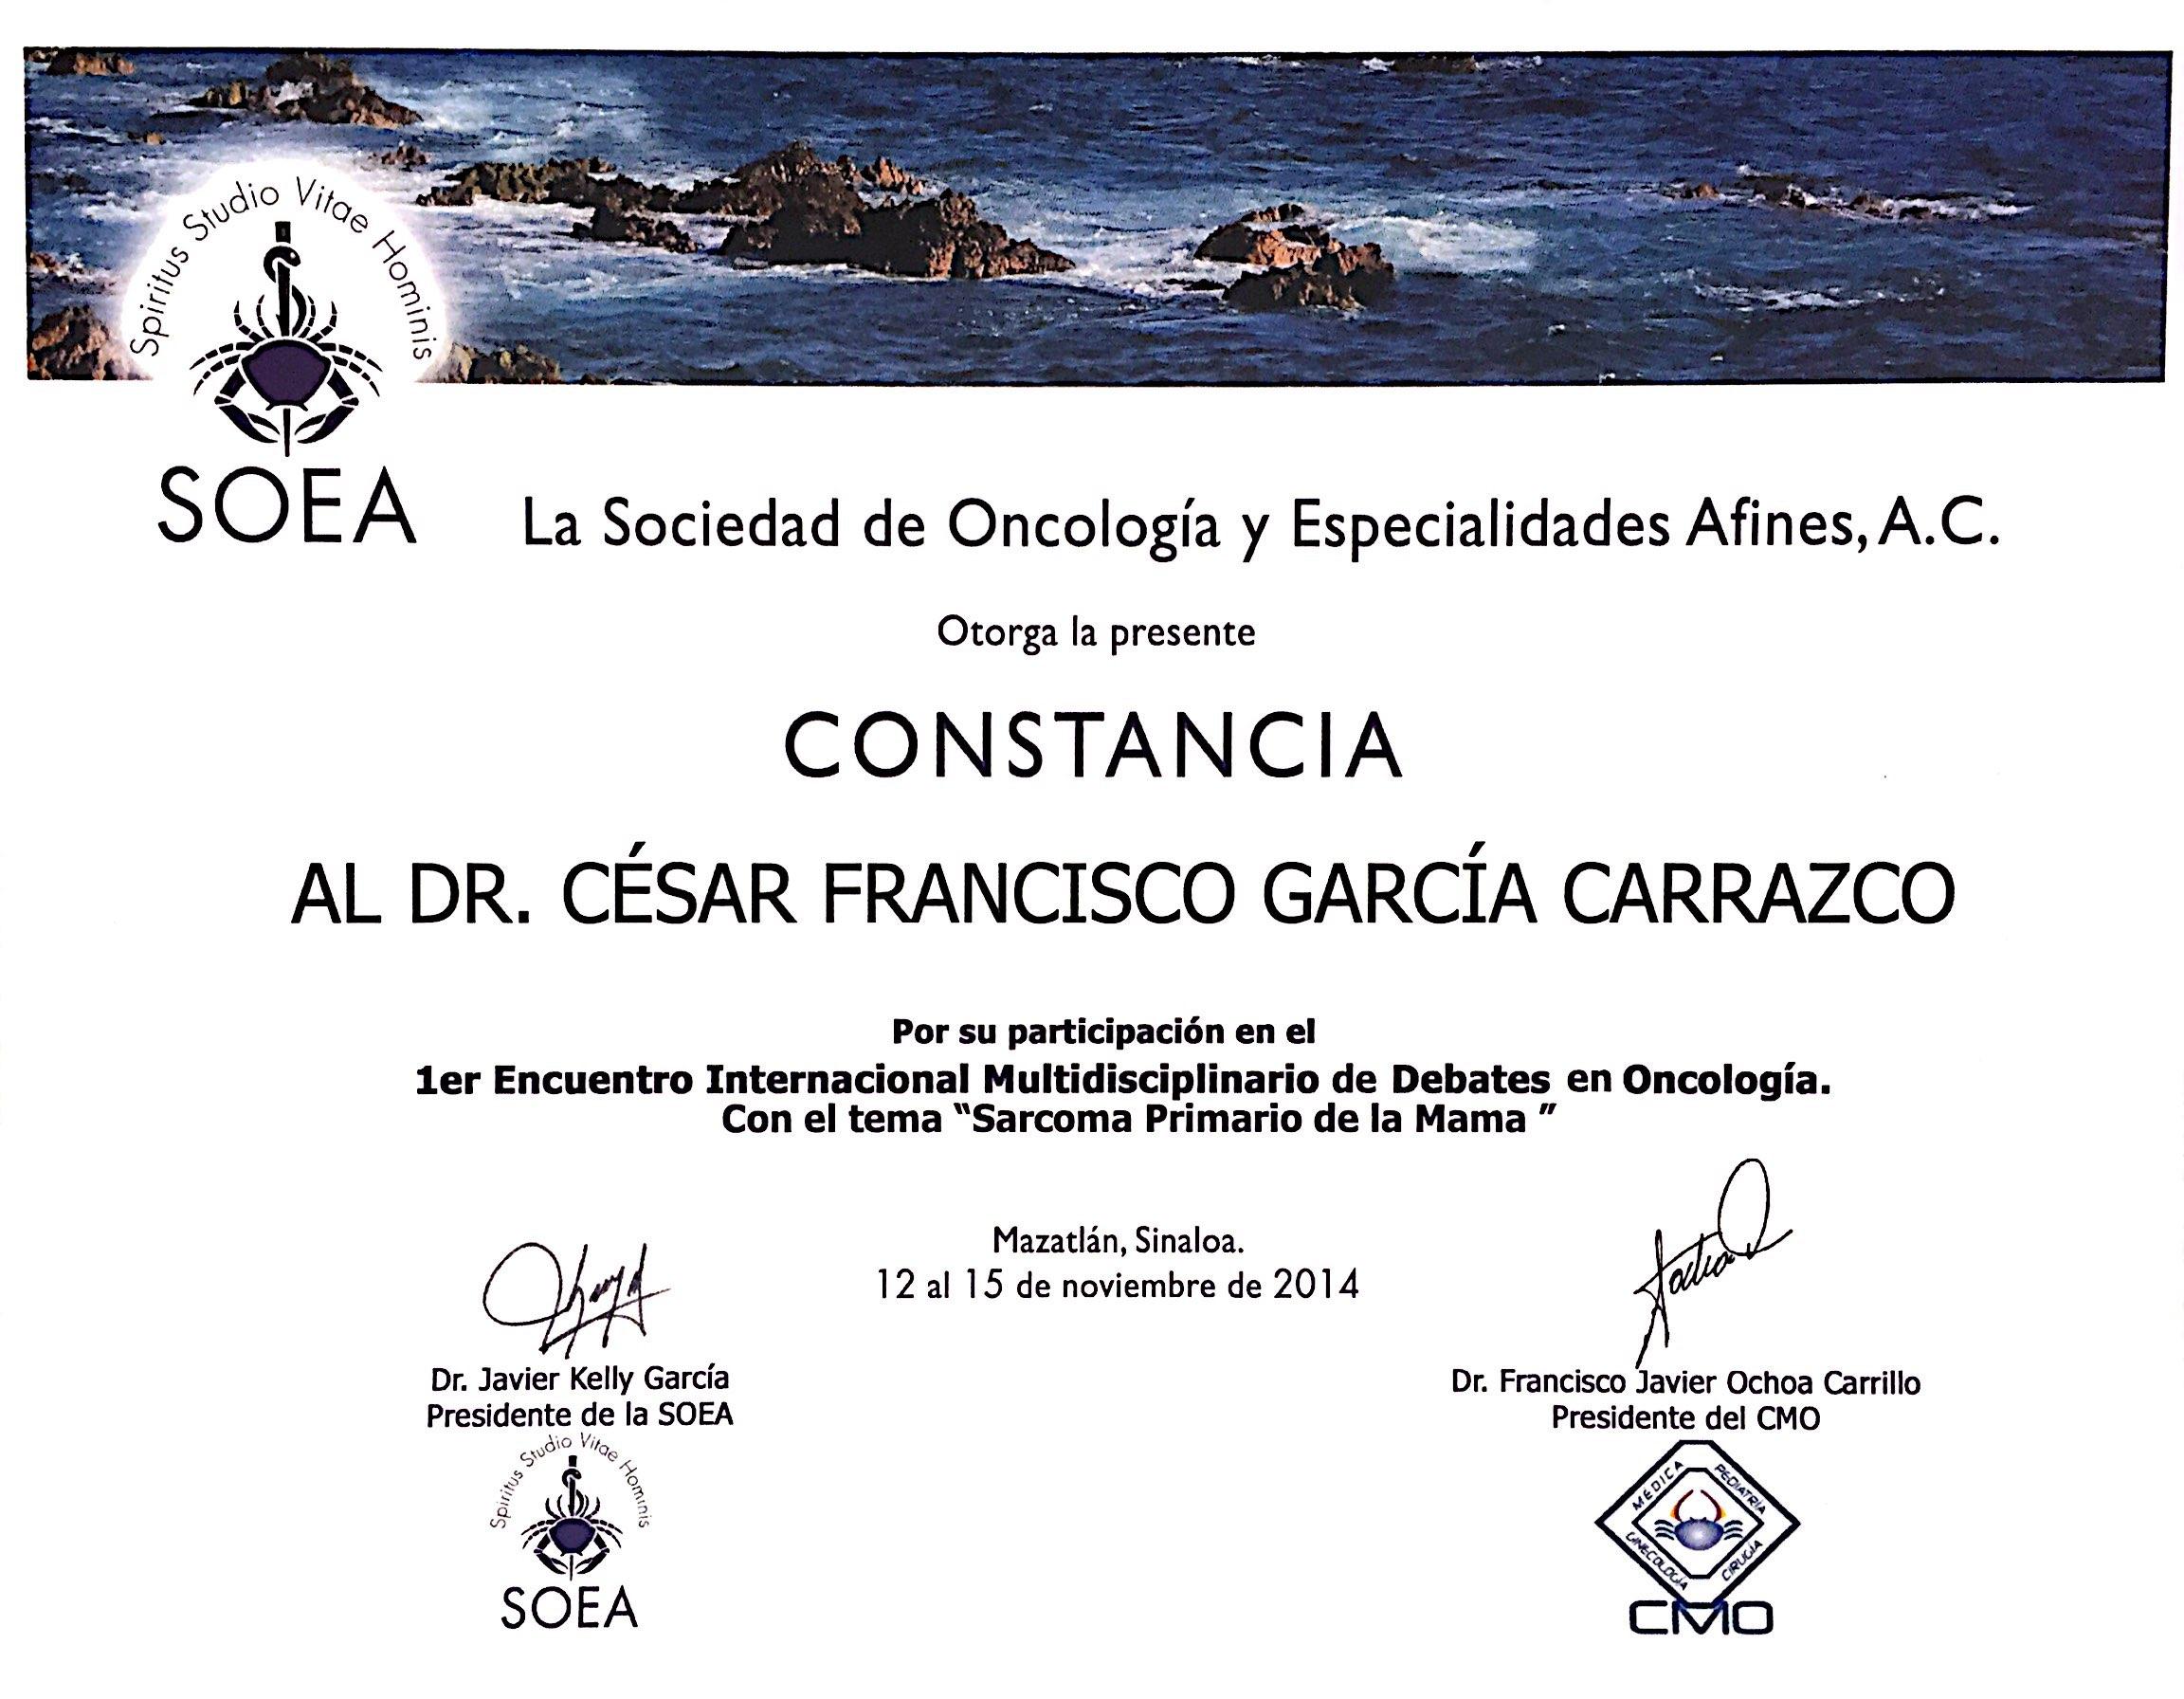 Dr. Garcia Carrazco_41